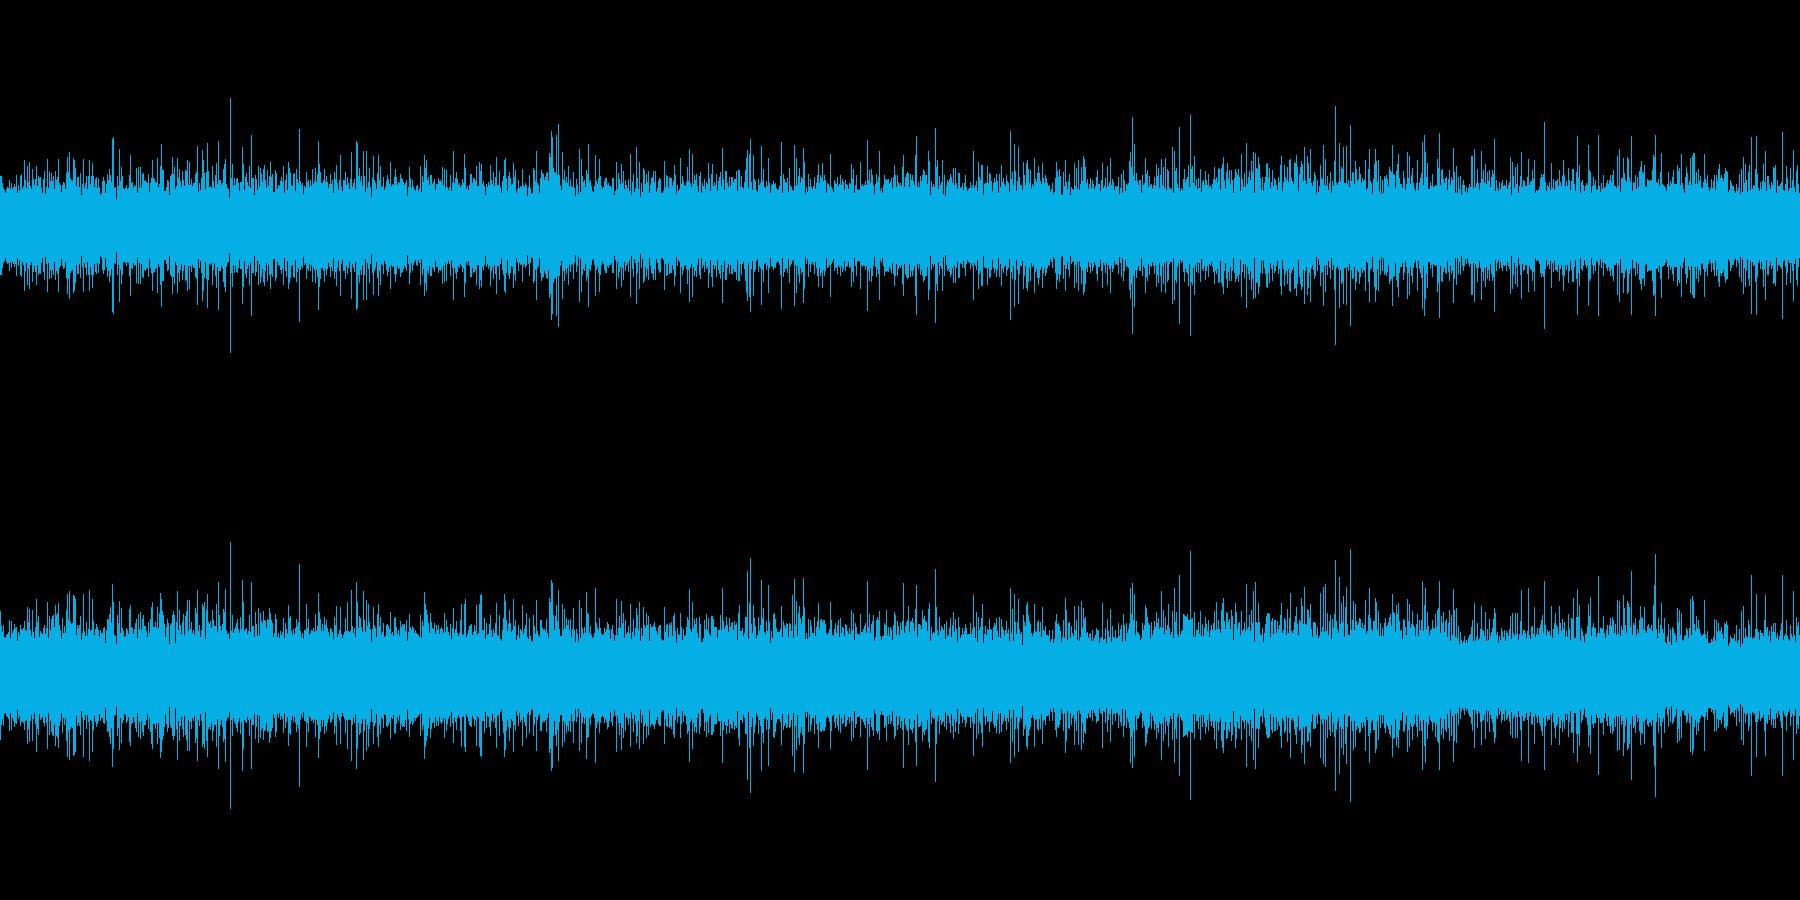 本物の川の音です。4分47秒あります。…の再生済みの波形